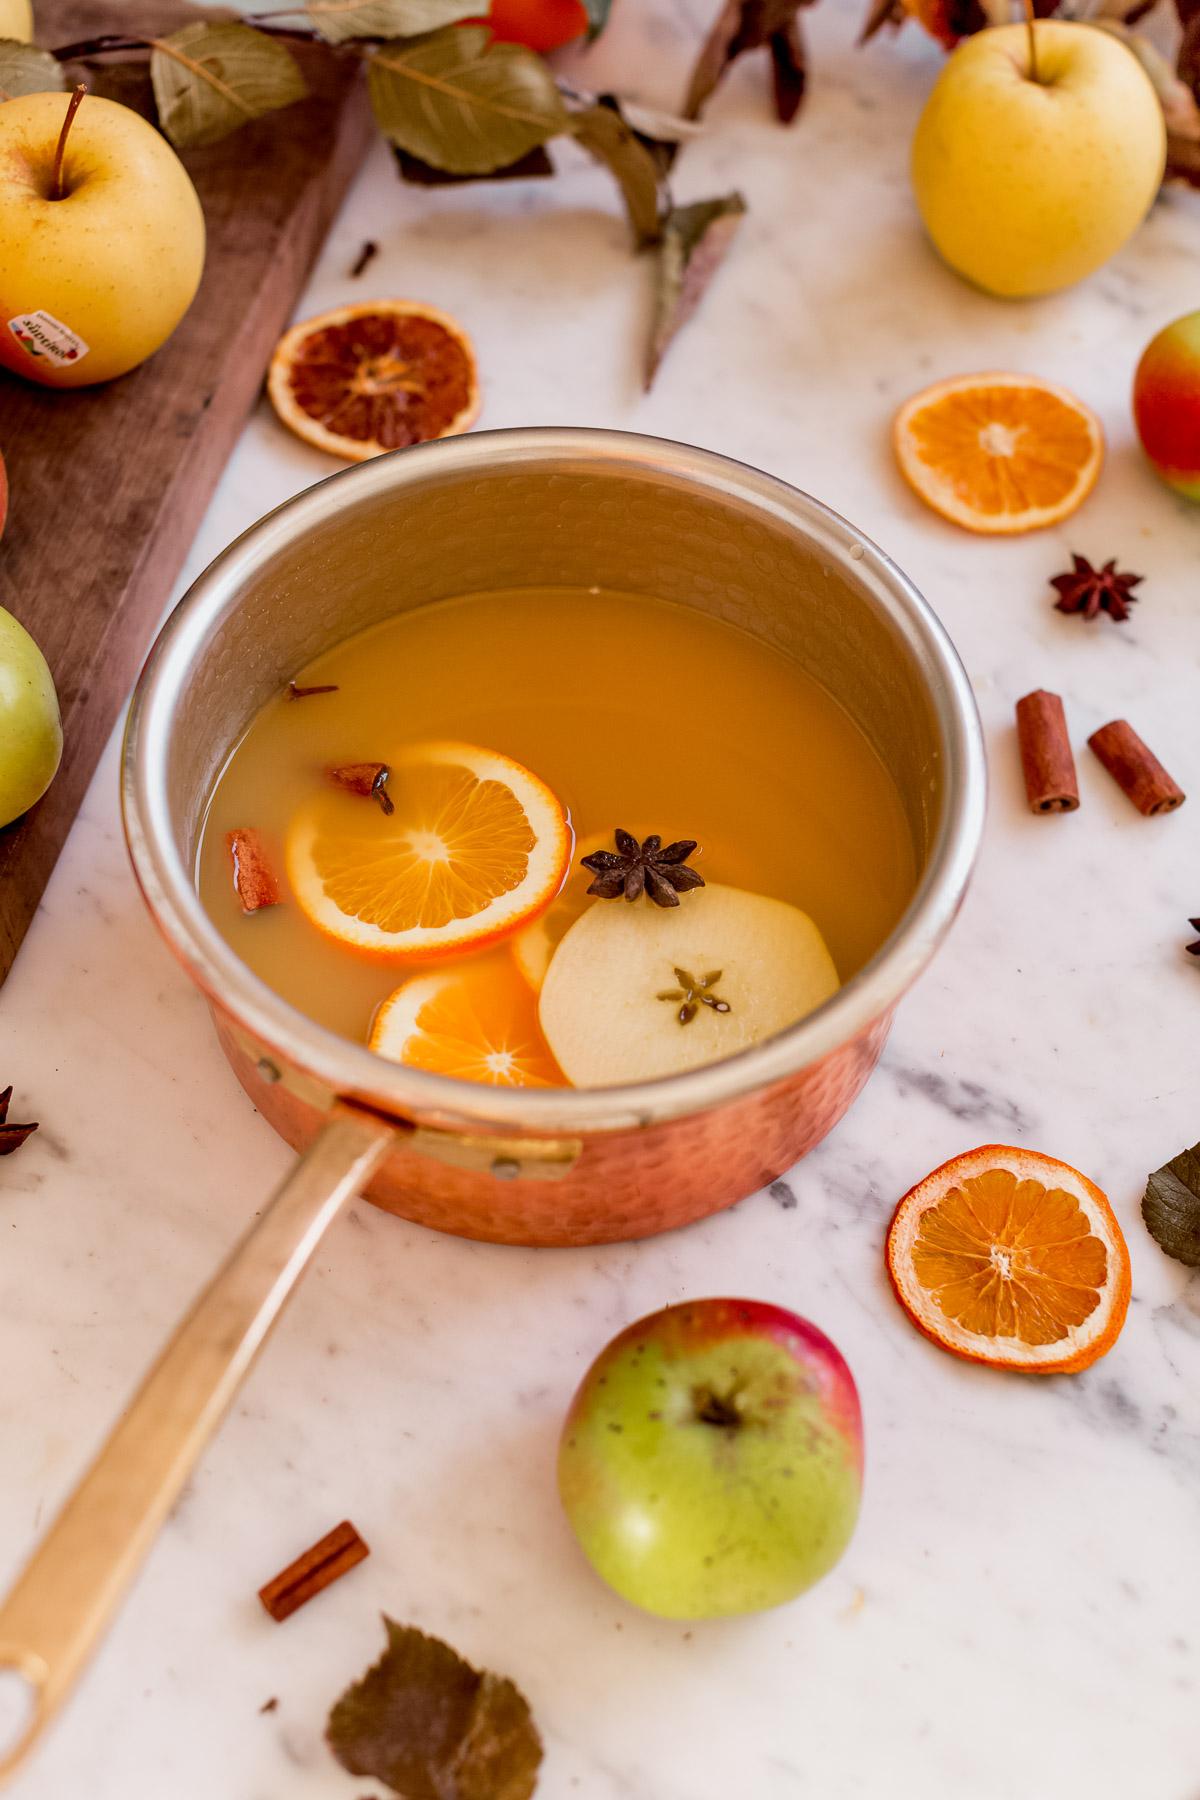 Ricetta Brulè di mele fatto in casa analcolico senza zucchero Apfelglühwein Apple mulled wine recipe